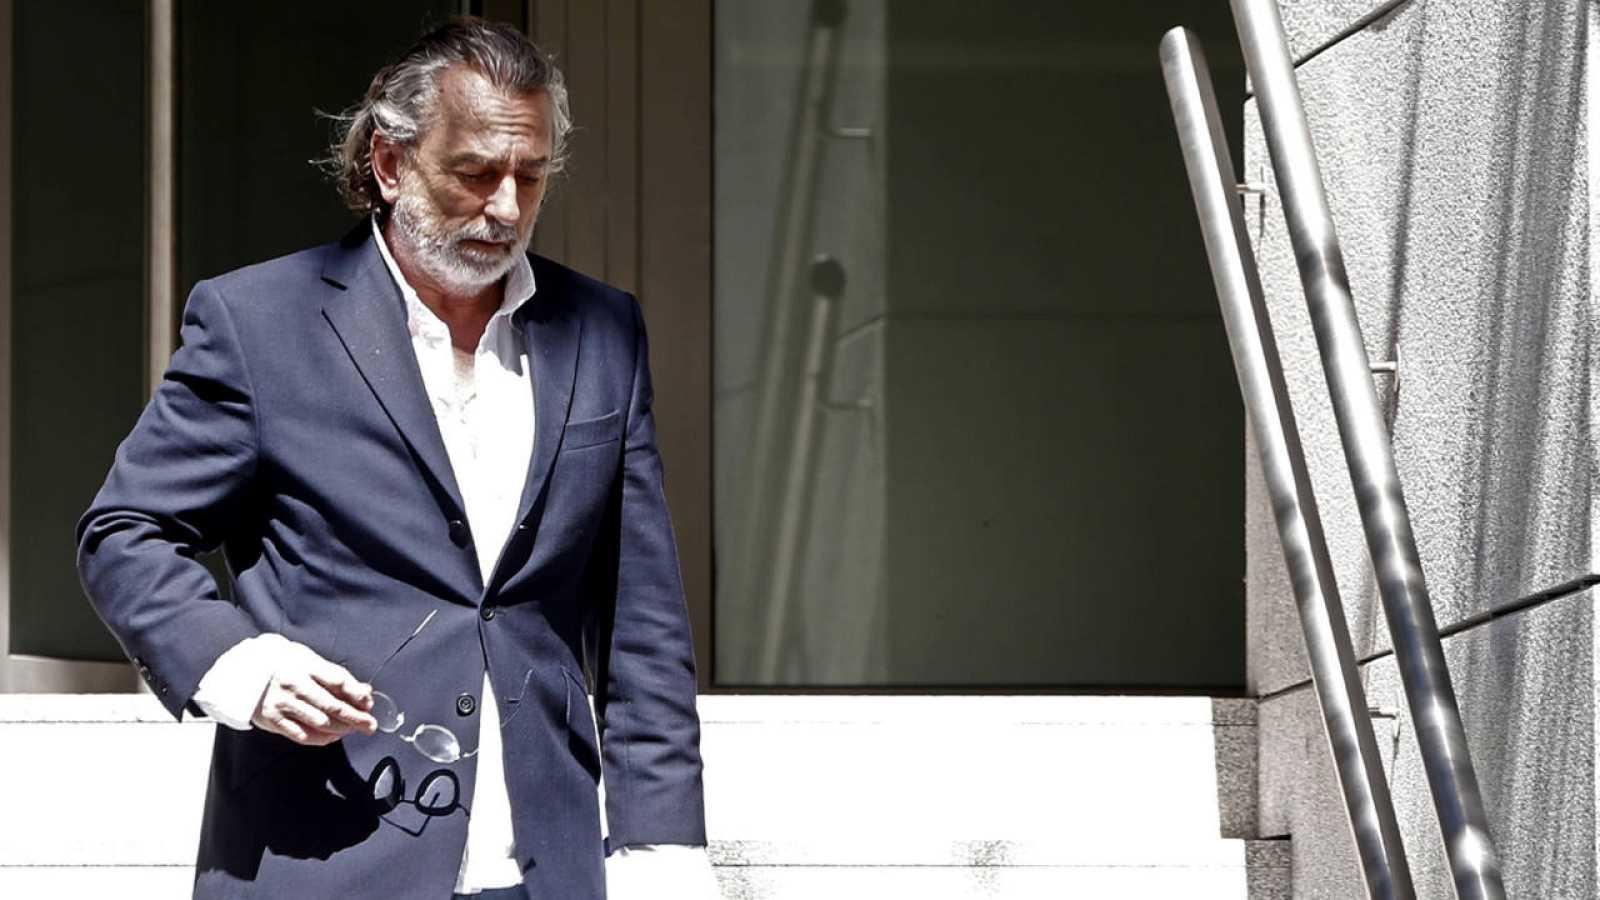 Abren juicio oral contra 27 personas y el PP por la trama Gürtel en ...